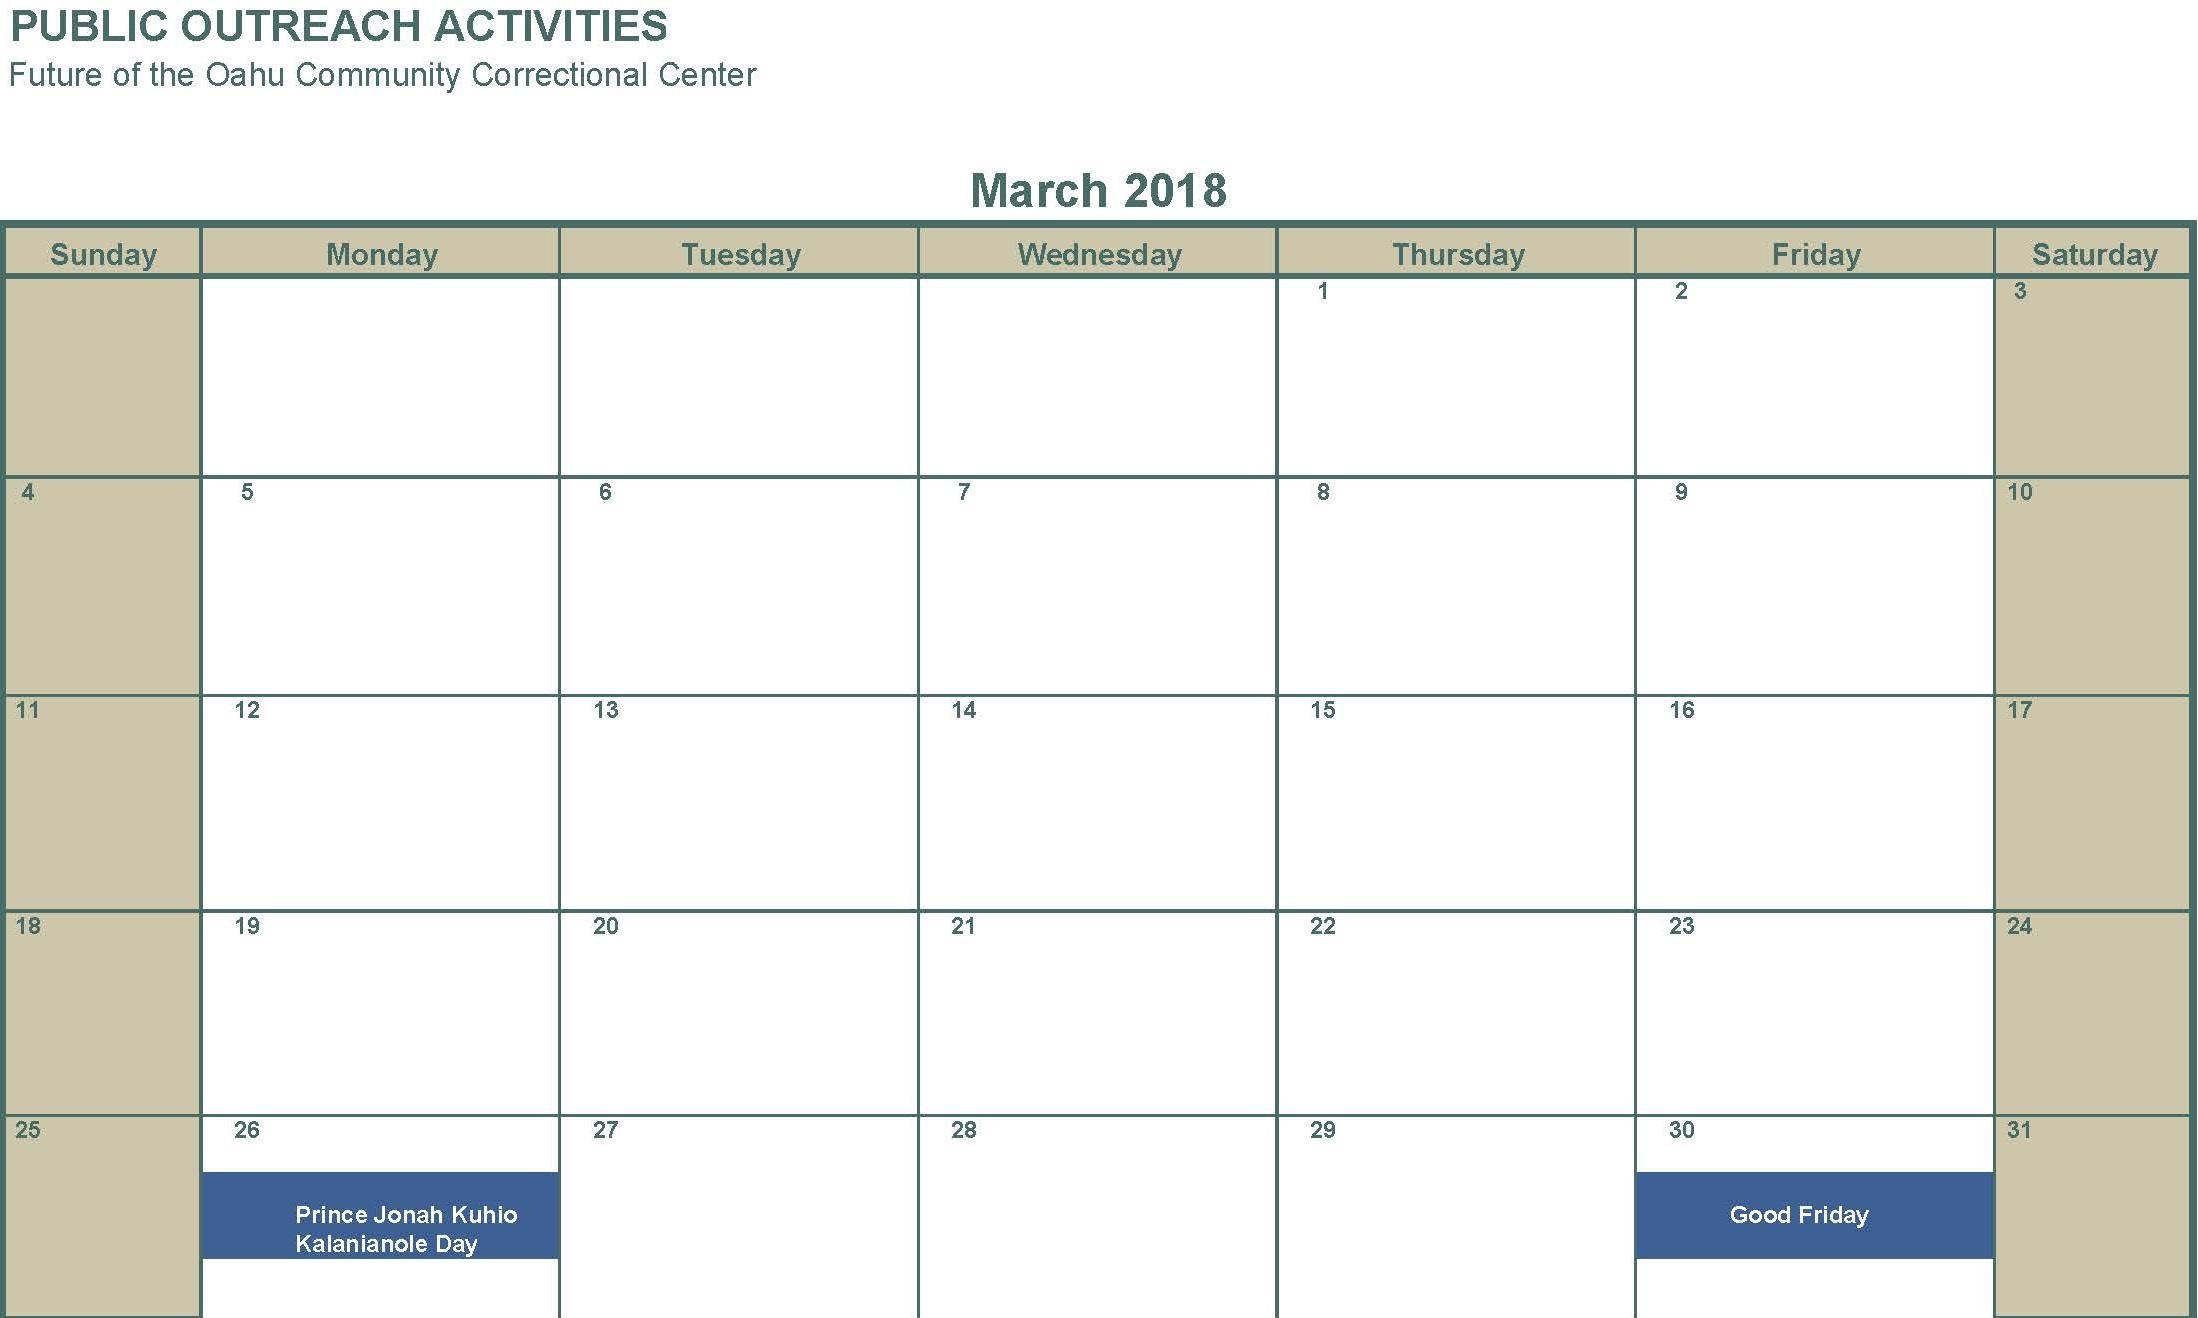 March 2018 no activities